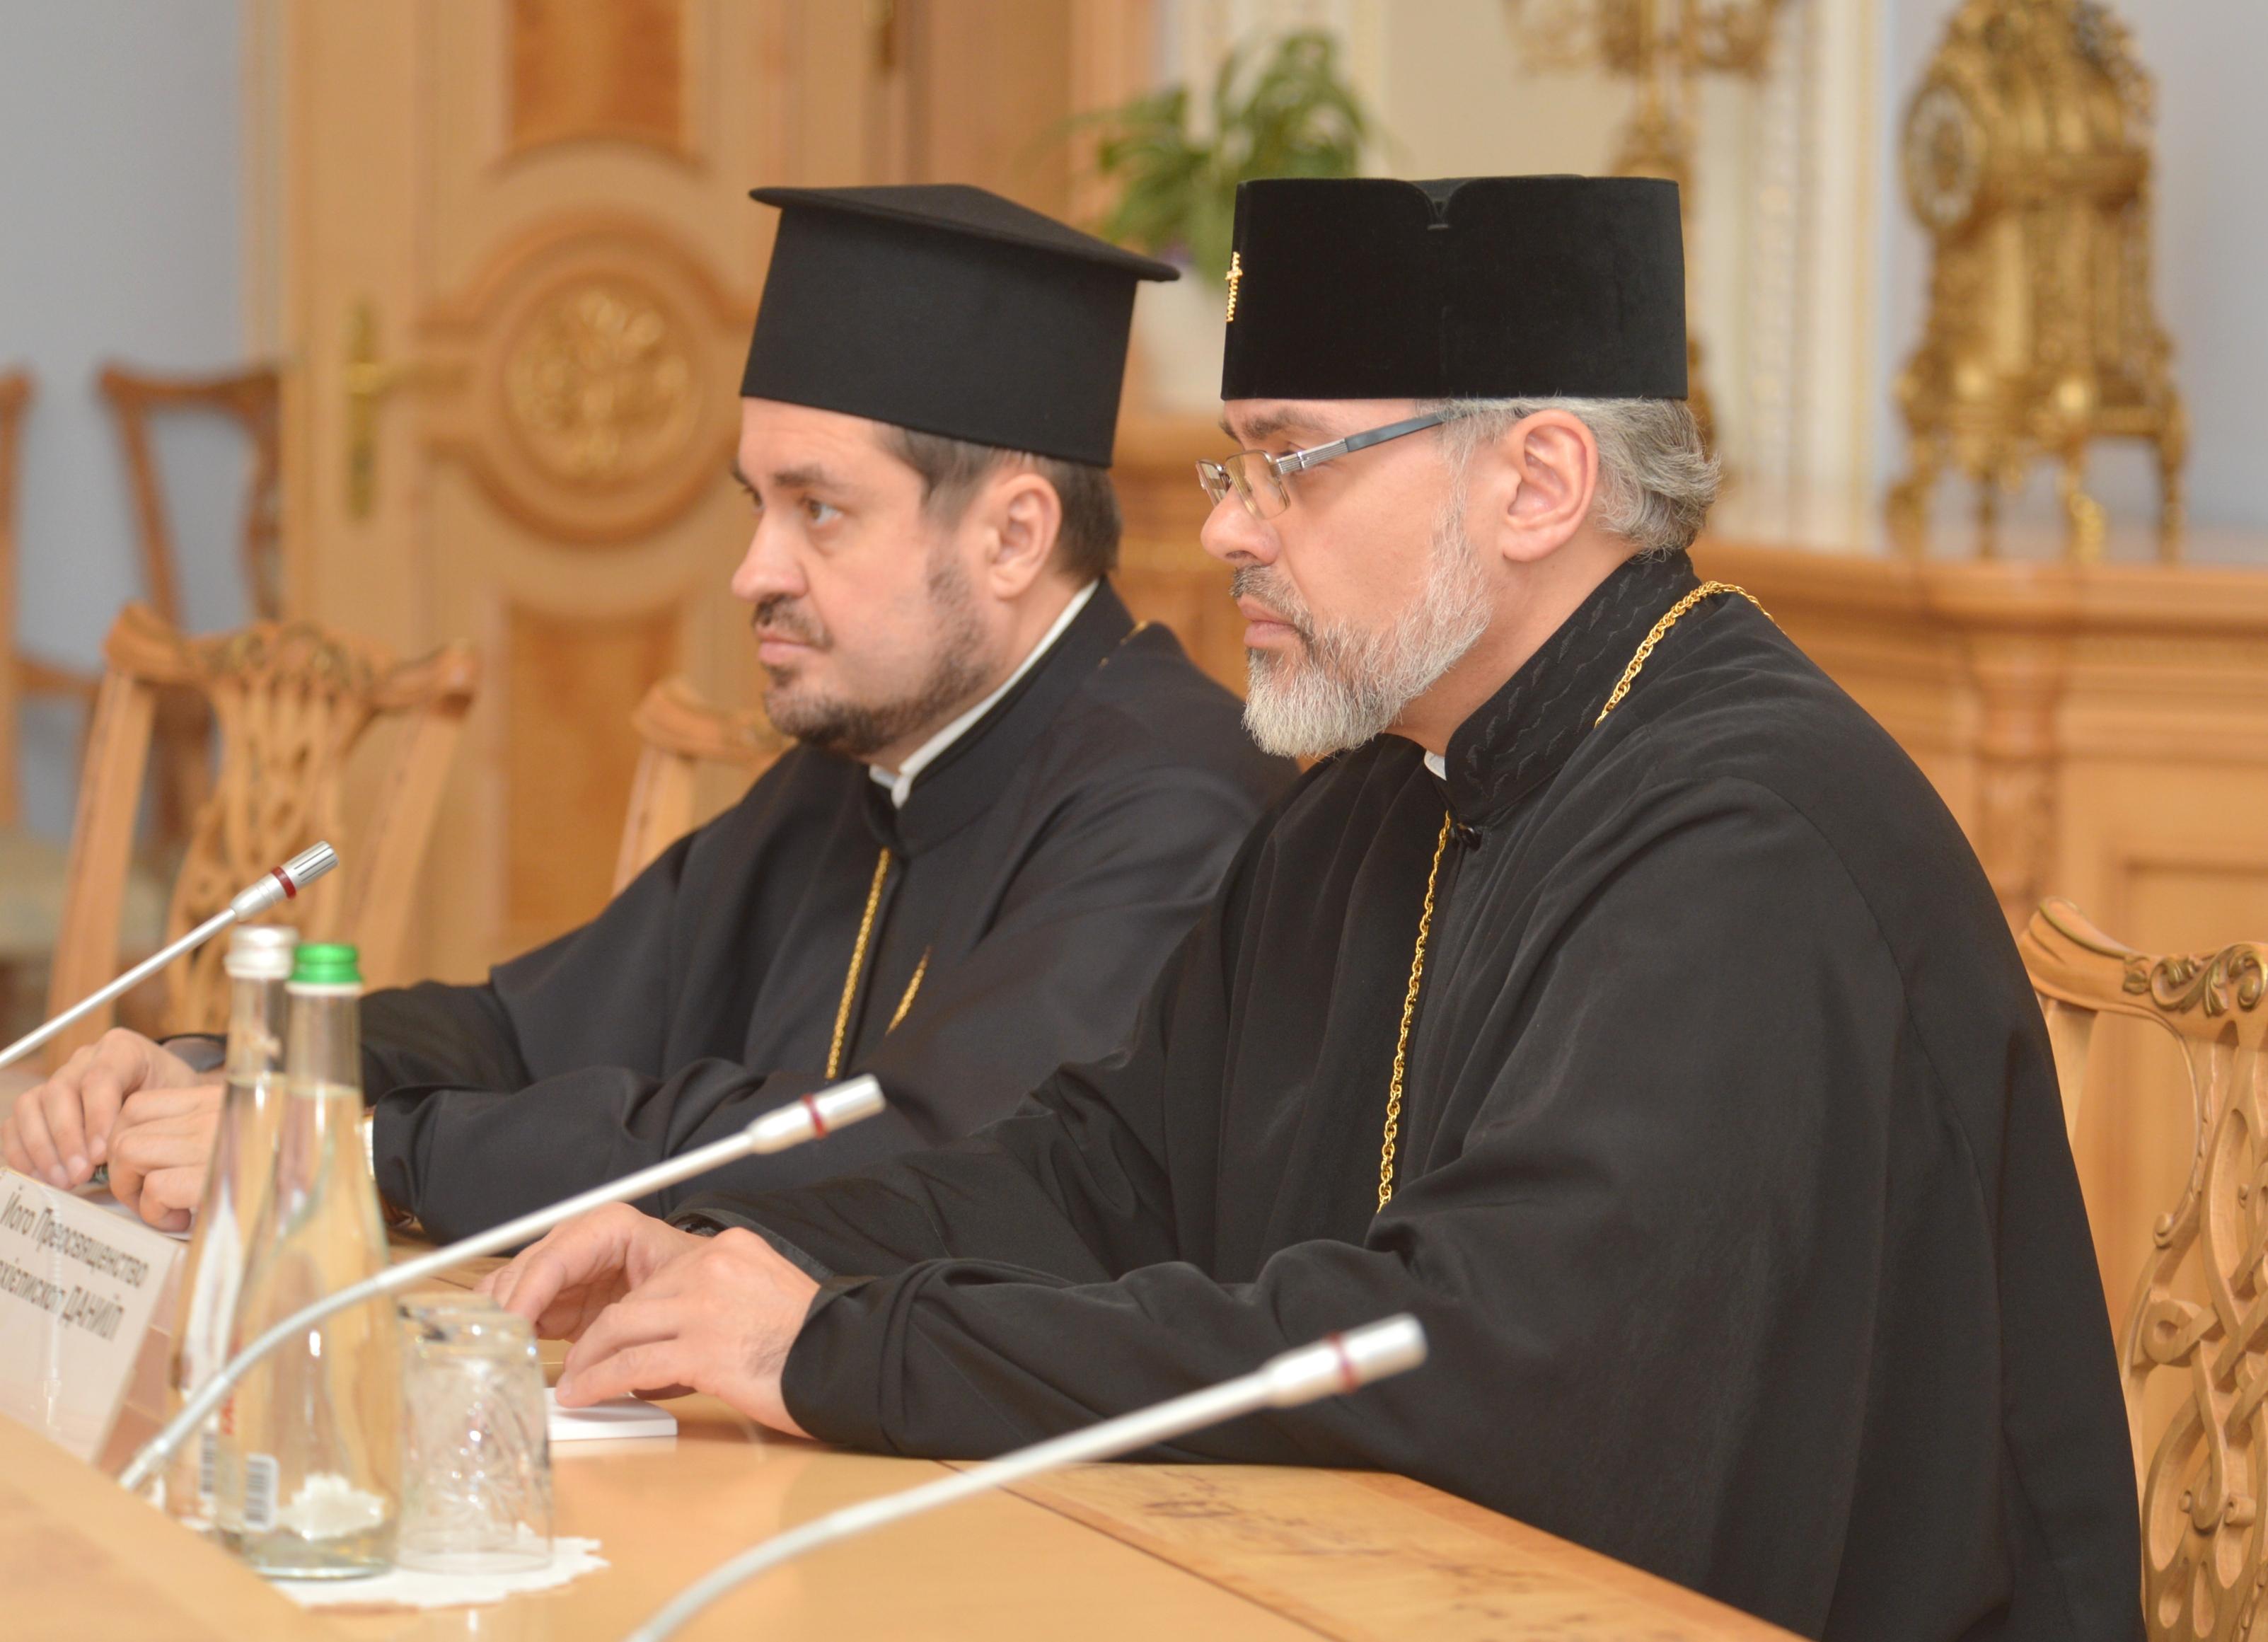 Створення єдиної помісної церкви є одним з фундаментальних речей для майбутнього української нації